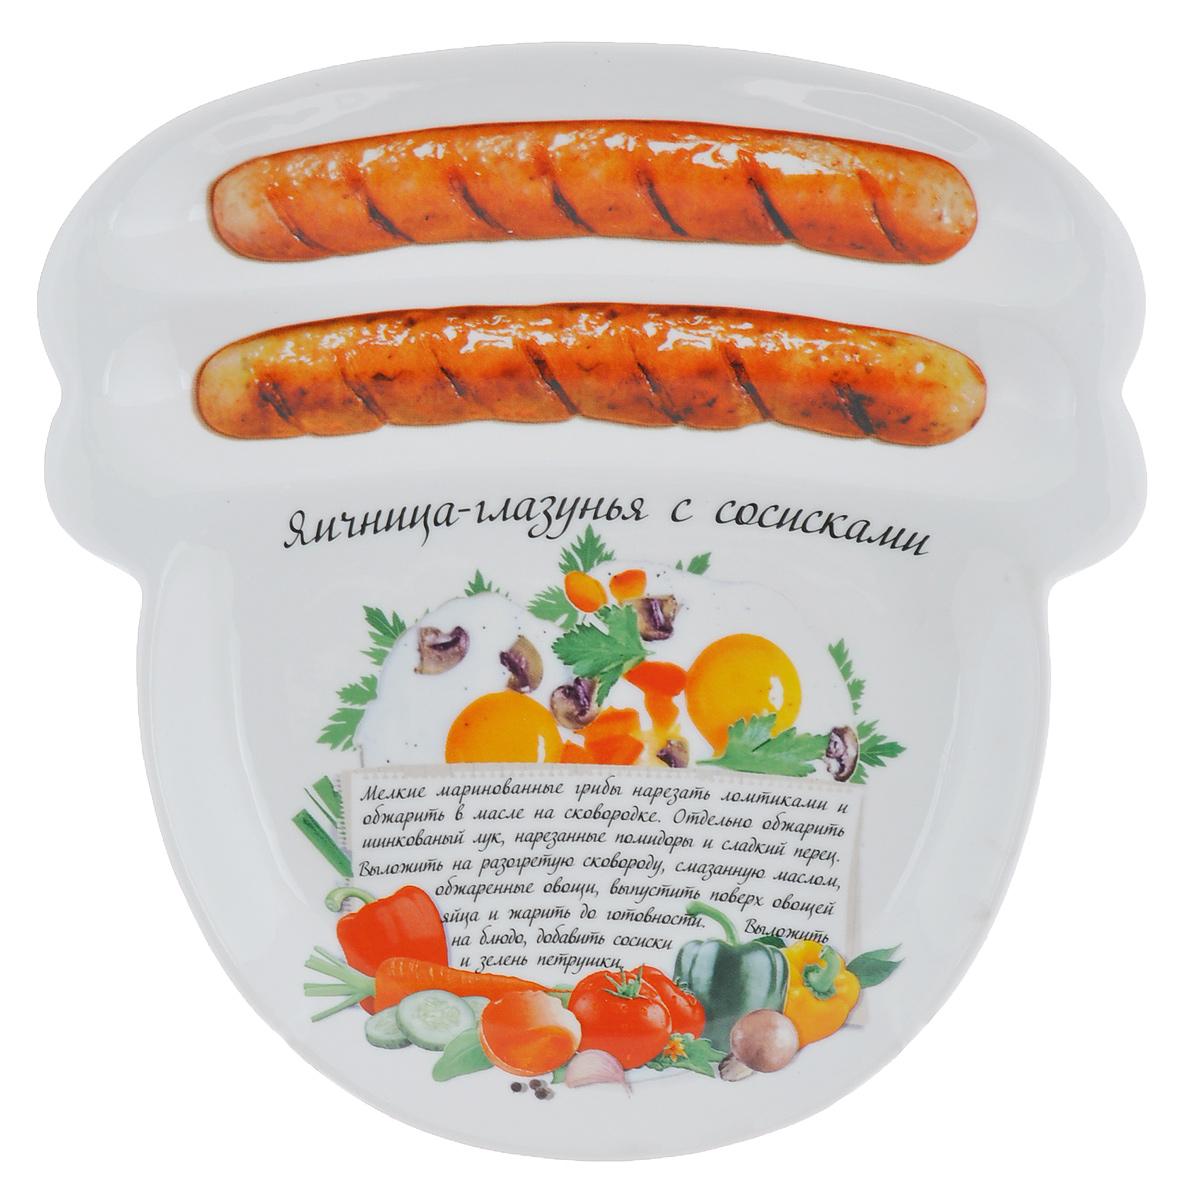 Блюдо для сосисок Larangе Яичница-глазунья с сосисками, 23 см х 22,7 см х 1,6 смIM35031-A218ALБлюдо для сосисок Larange Яичница-глазунья с сосисками изготовлено из высококачественной керамики. Изделие украшено изображением двух сосисок и рецепта яичницы-глазуньи с сосисками. Тарелка имеет три отделения: два маленьких отделения для сосисок и одно большое отделение для яичницы или другого блюда. В комплект входят лучшие рецепты от шефа. Можно использовать в СВЧ печах, духовом шкафу, холодильнике. Можно мыть в посудомоечной машине. Не применять абразивные чистящие вещества. Размер блюда: 23 см х 22,7 см х 1,6 см.